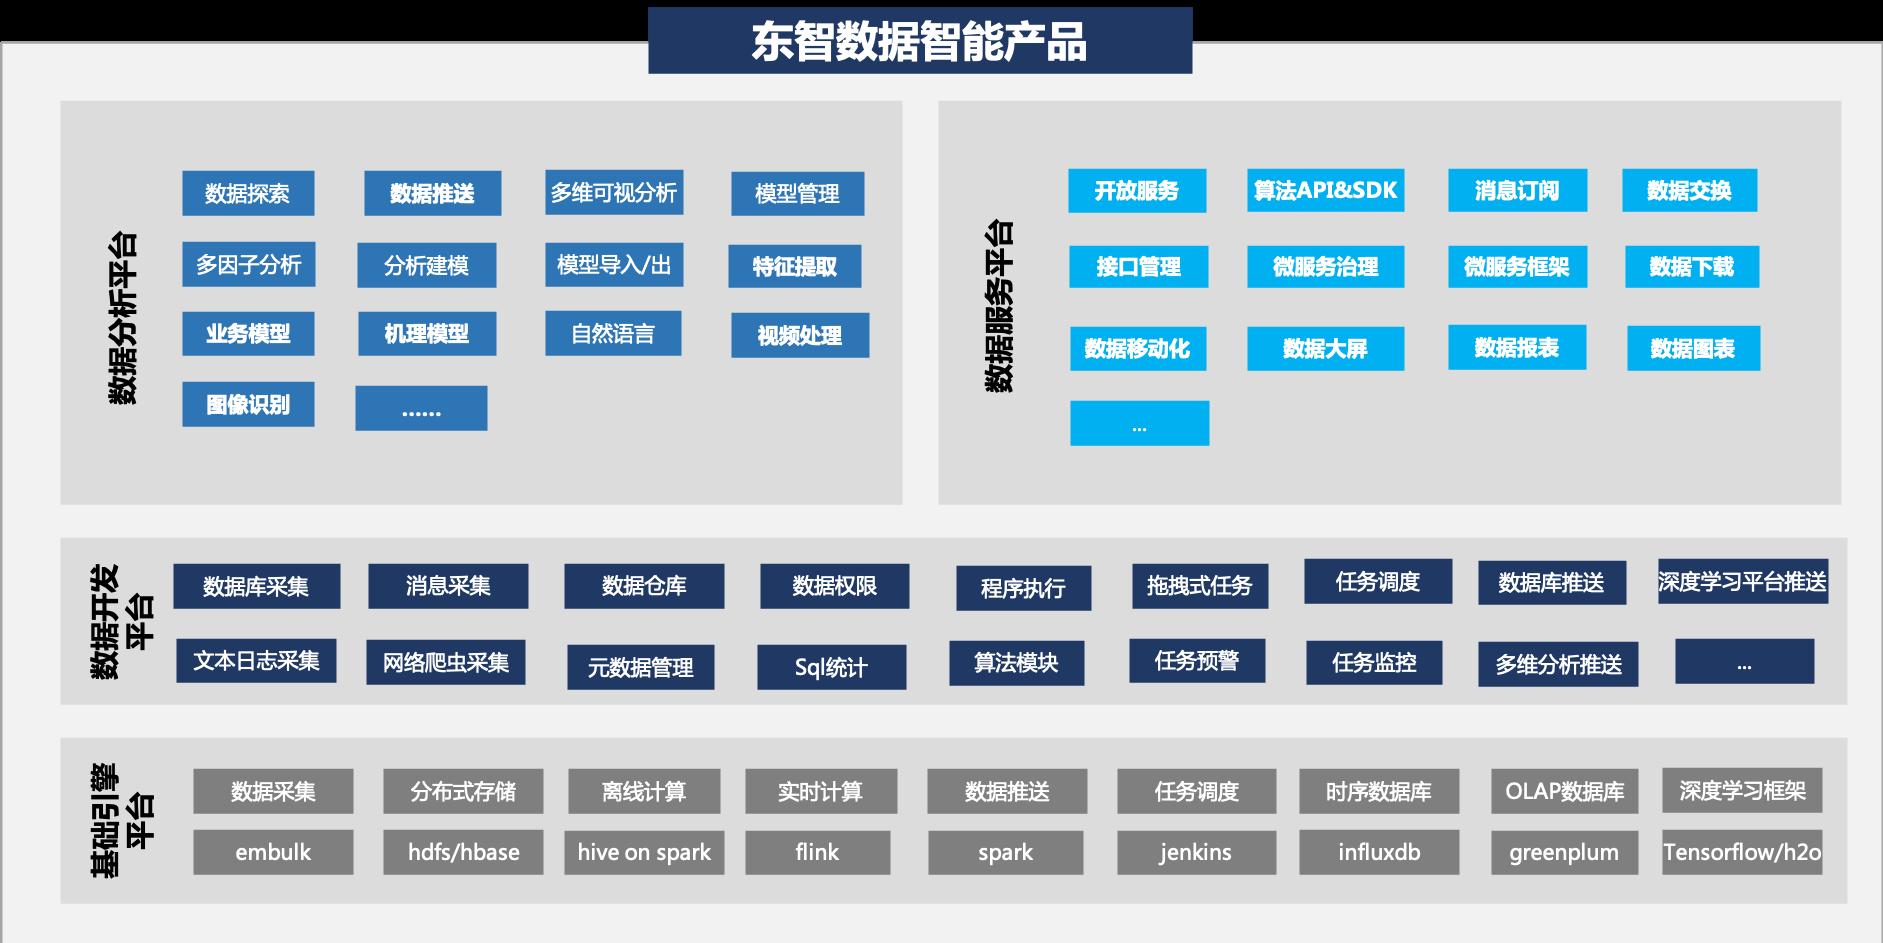 东智大数据平台